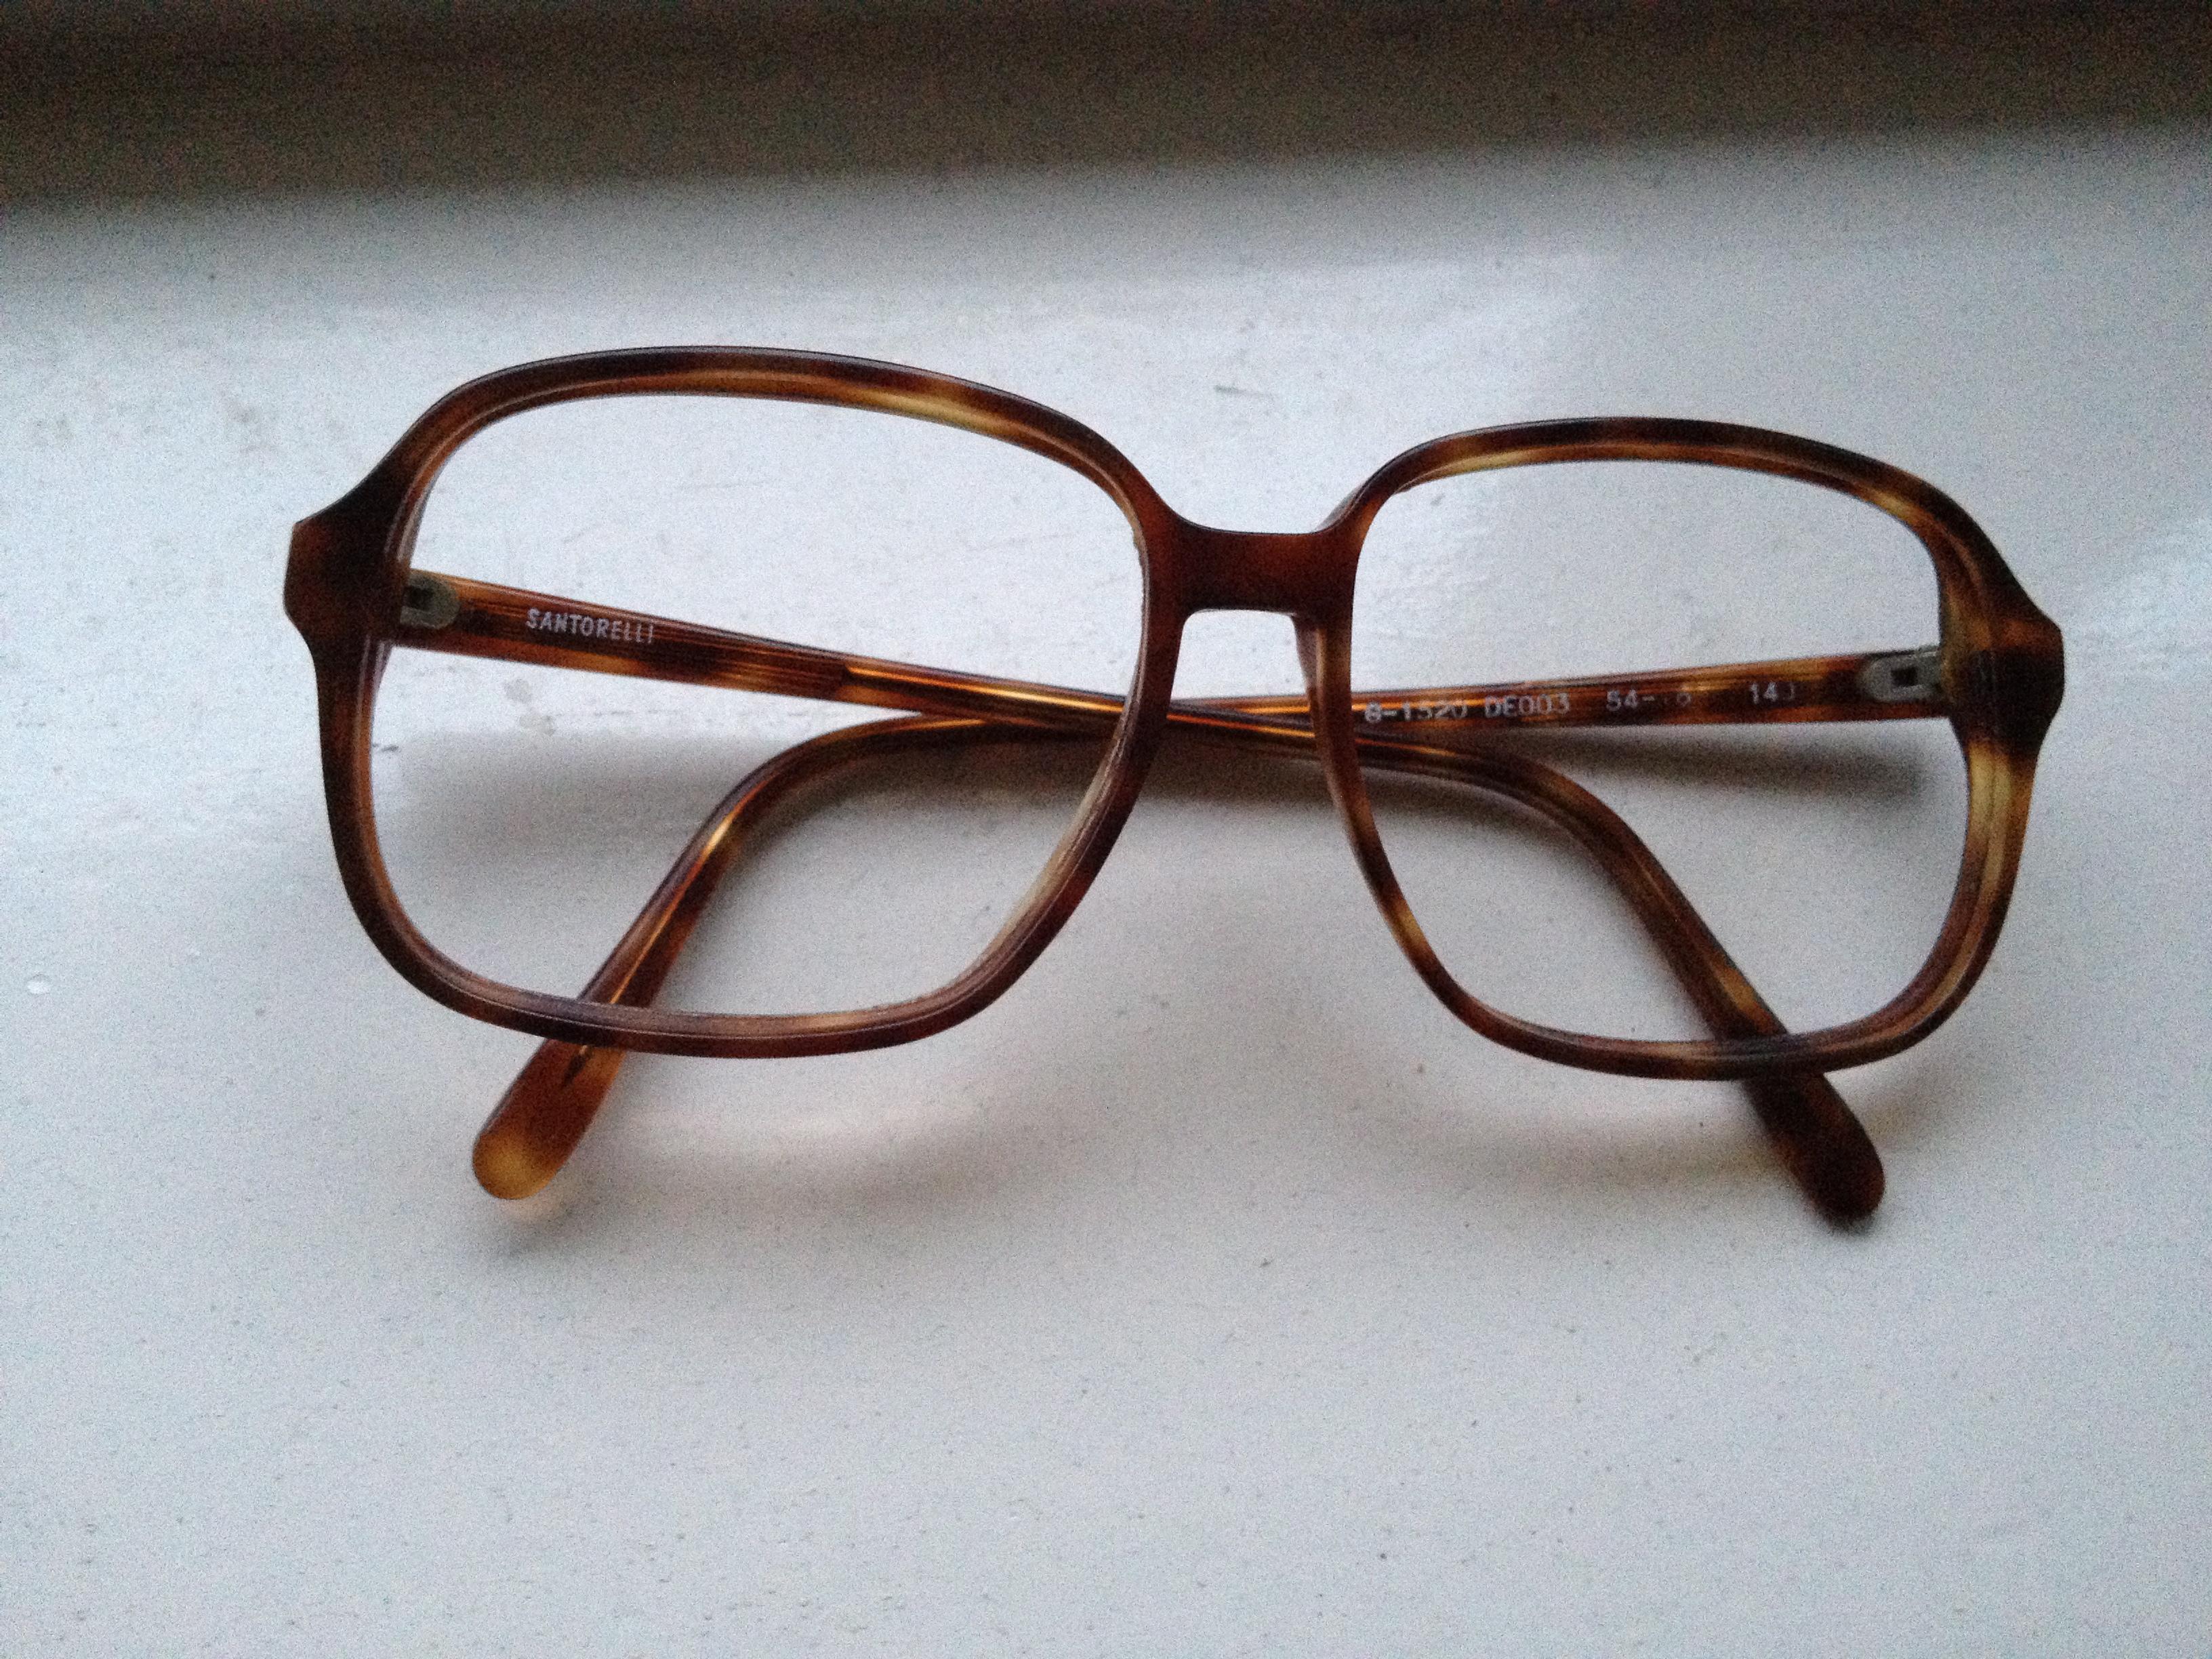 Facing Old Glasses Grandpa Amp Grandma Lambrechtse Ffffffiles